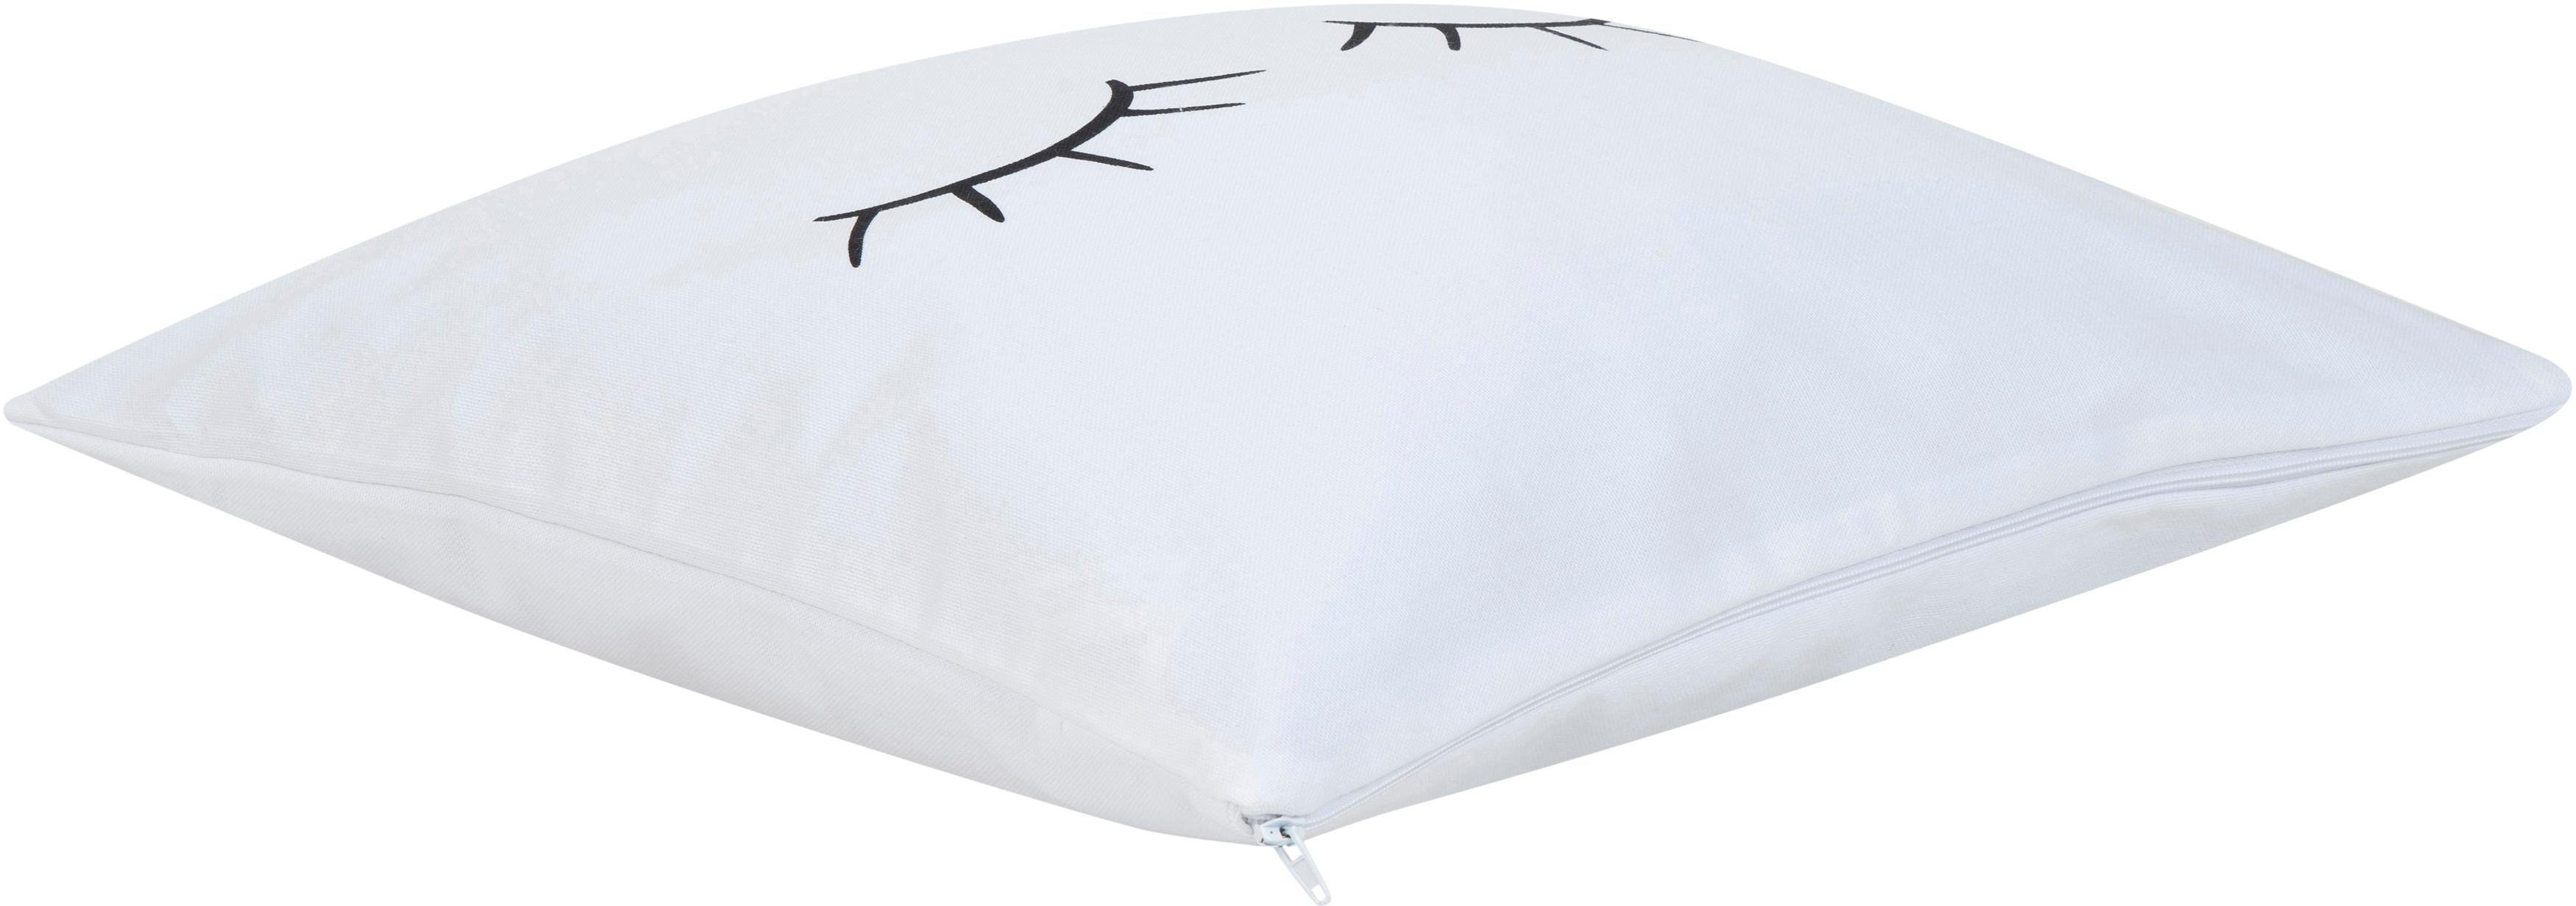 Kissenhülle Sleepy Eyes, Webart: Panama, Weiß, Schwarz, 40 x 40 cm